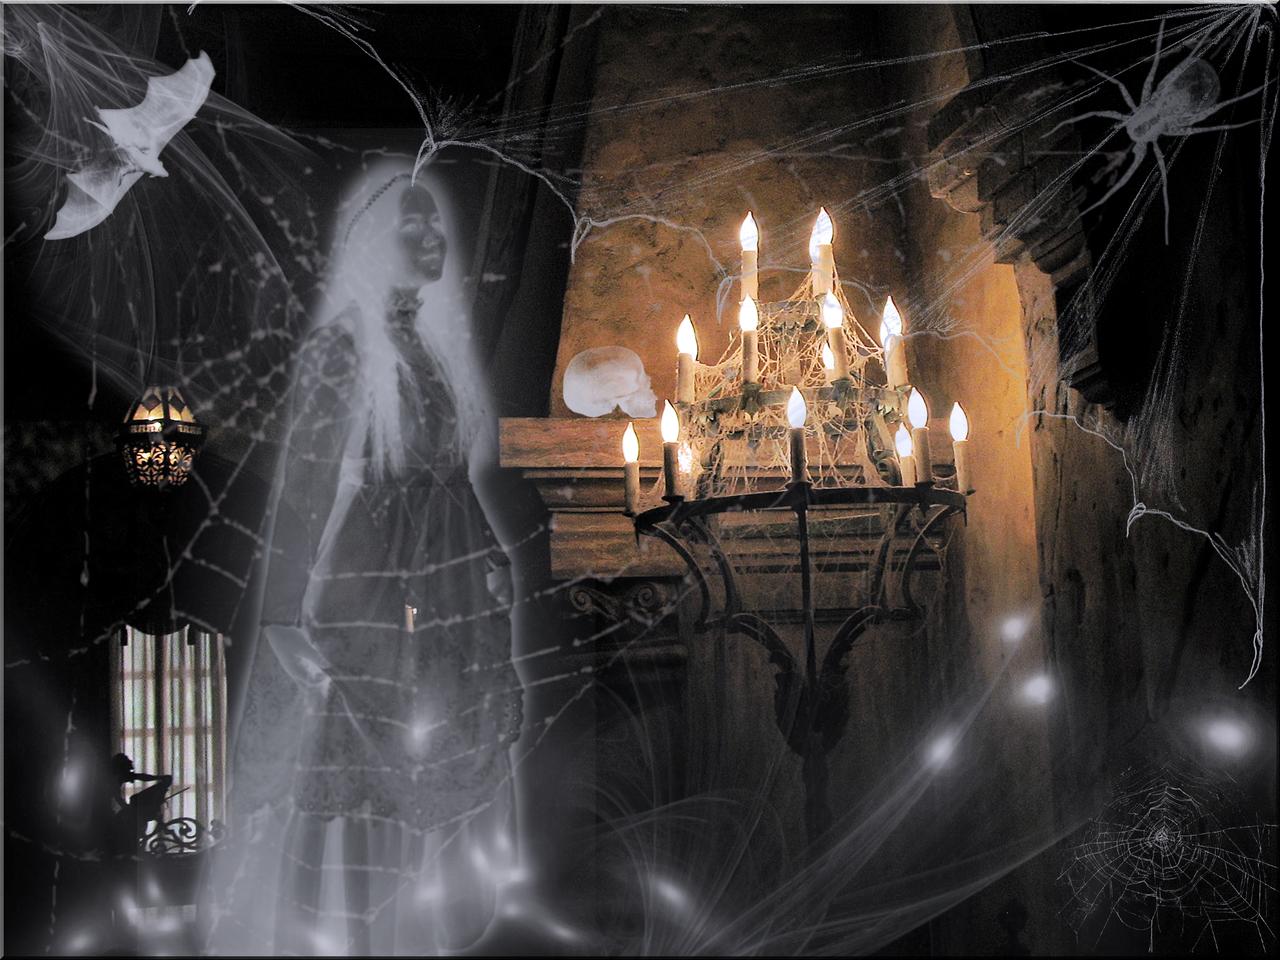 Halloween Horror Nights Wallpaper Download 1280x960